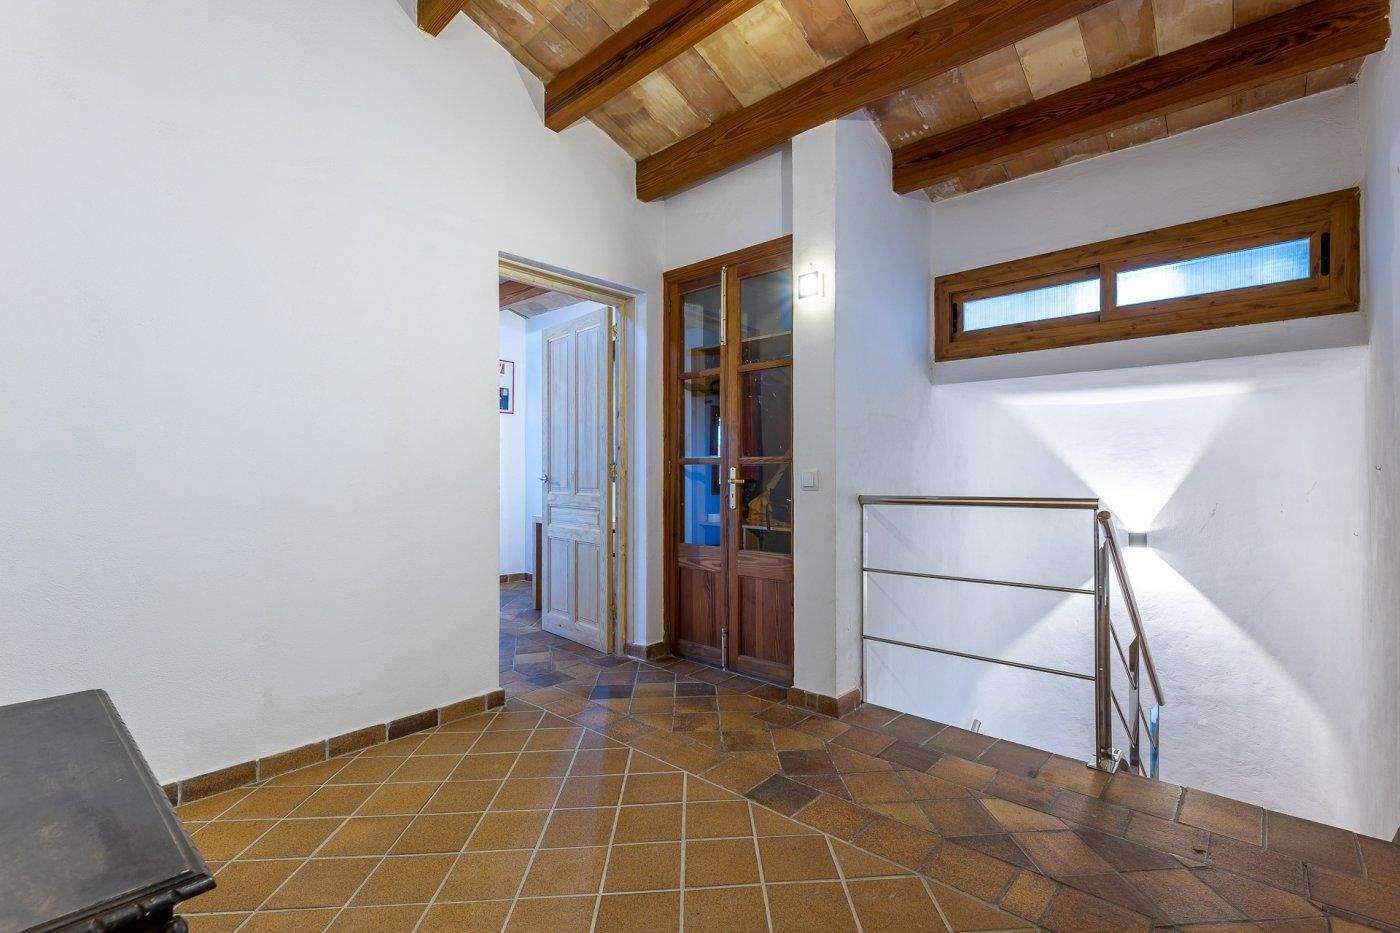 Encantadora finca rÚstica con casa de invitados  en marratxinet - imagenInmueble14